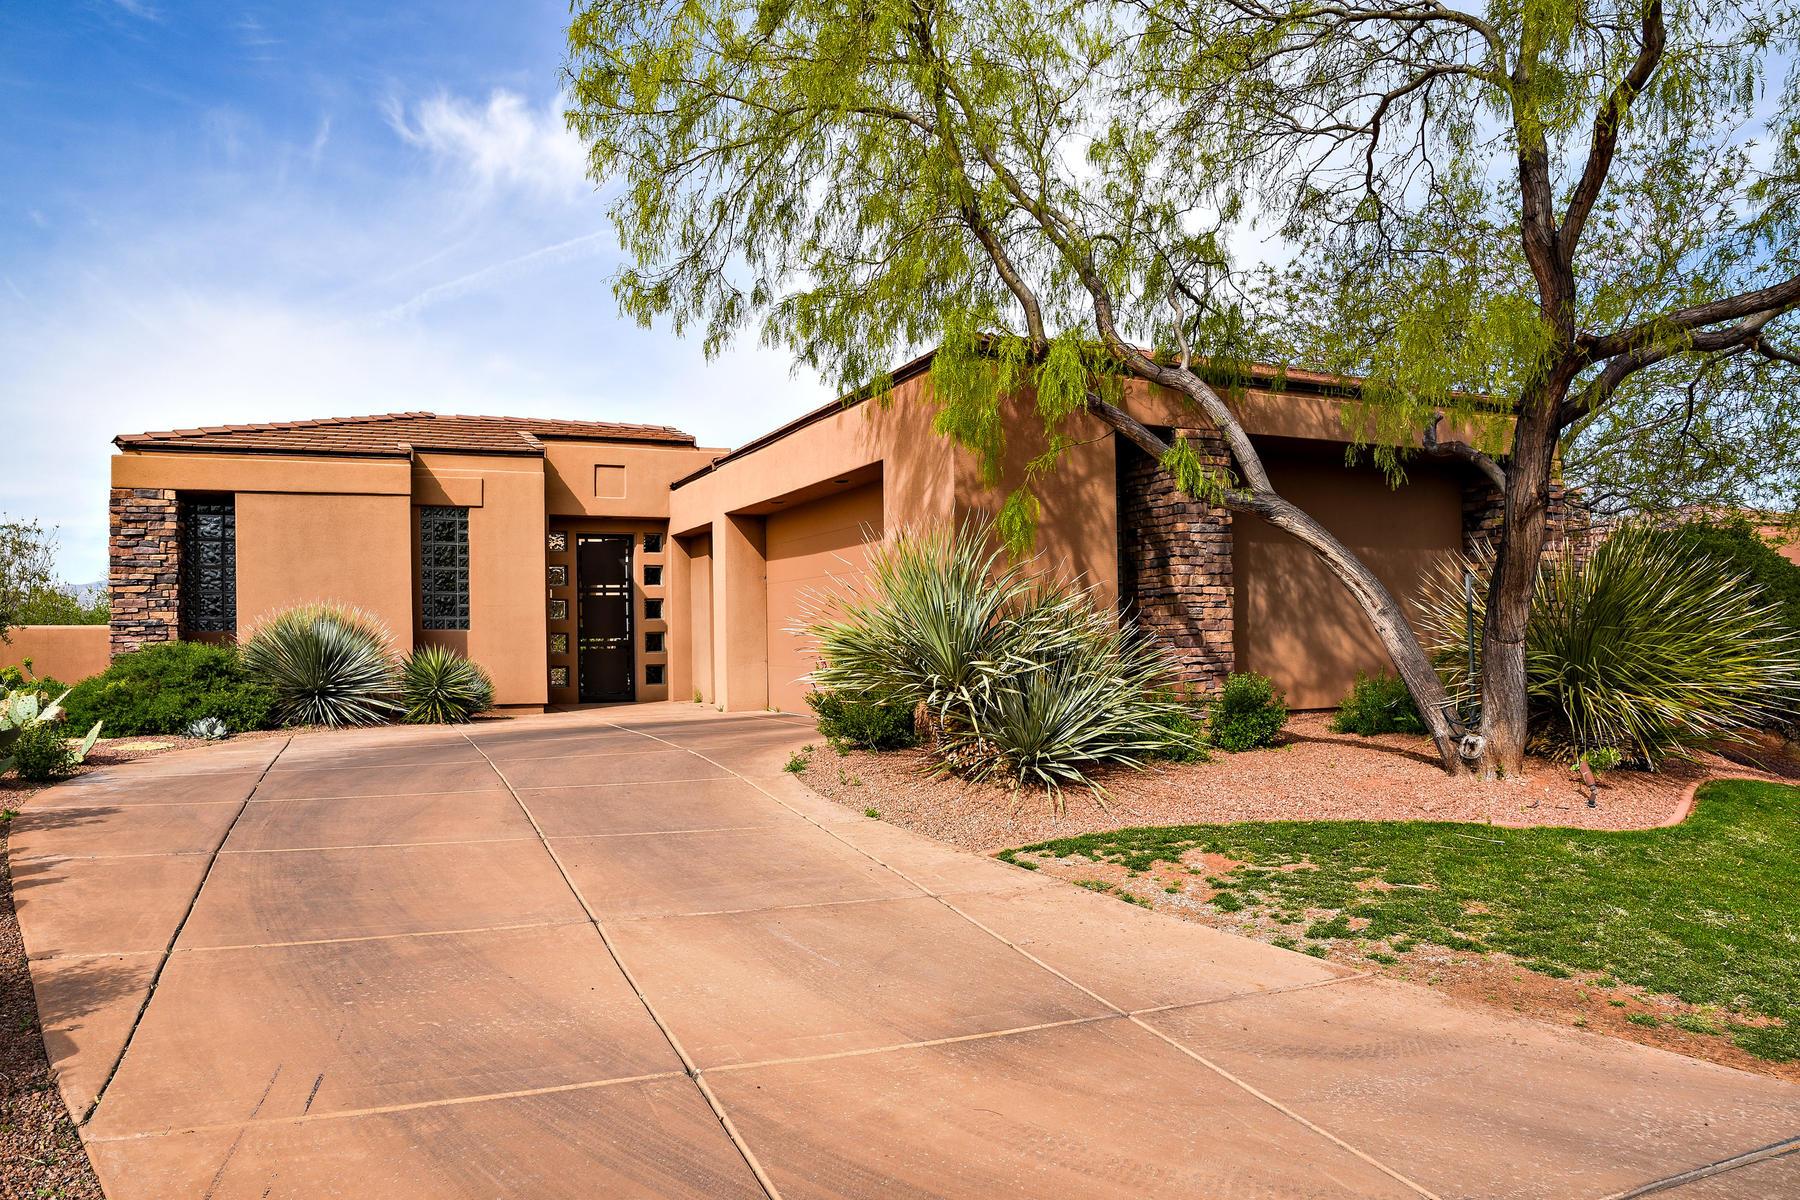 Maison unifamiliale pour l Vente à Golf Course Hideway 2221 Cohonina Circle, St. George, Utah, 84770 États-Unis